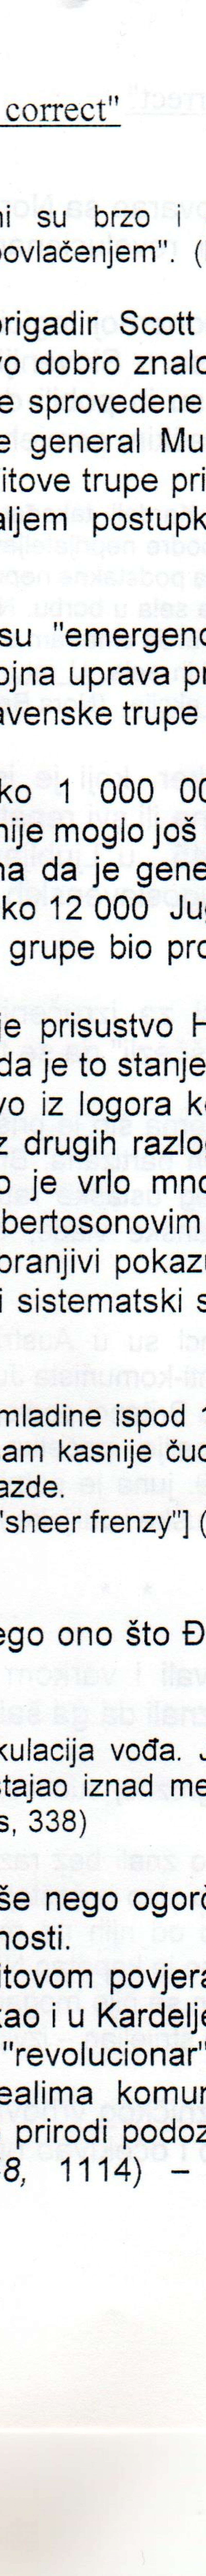 Dra-17.jpeg